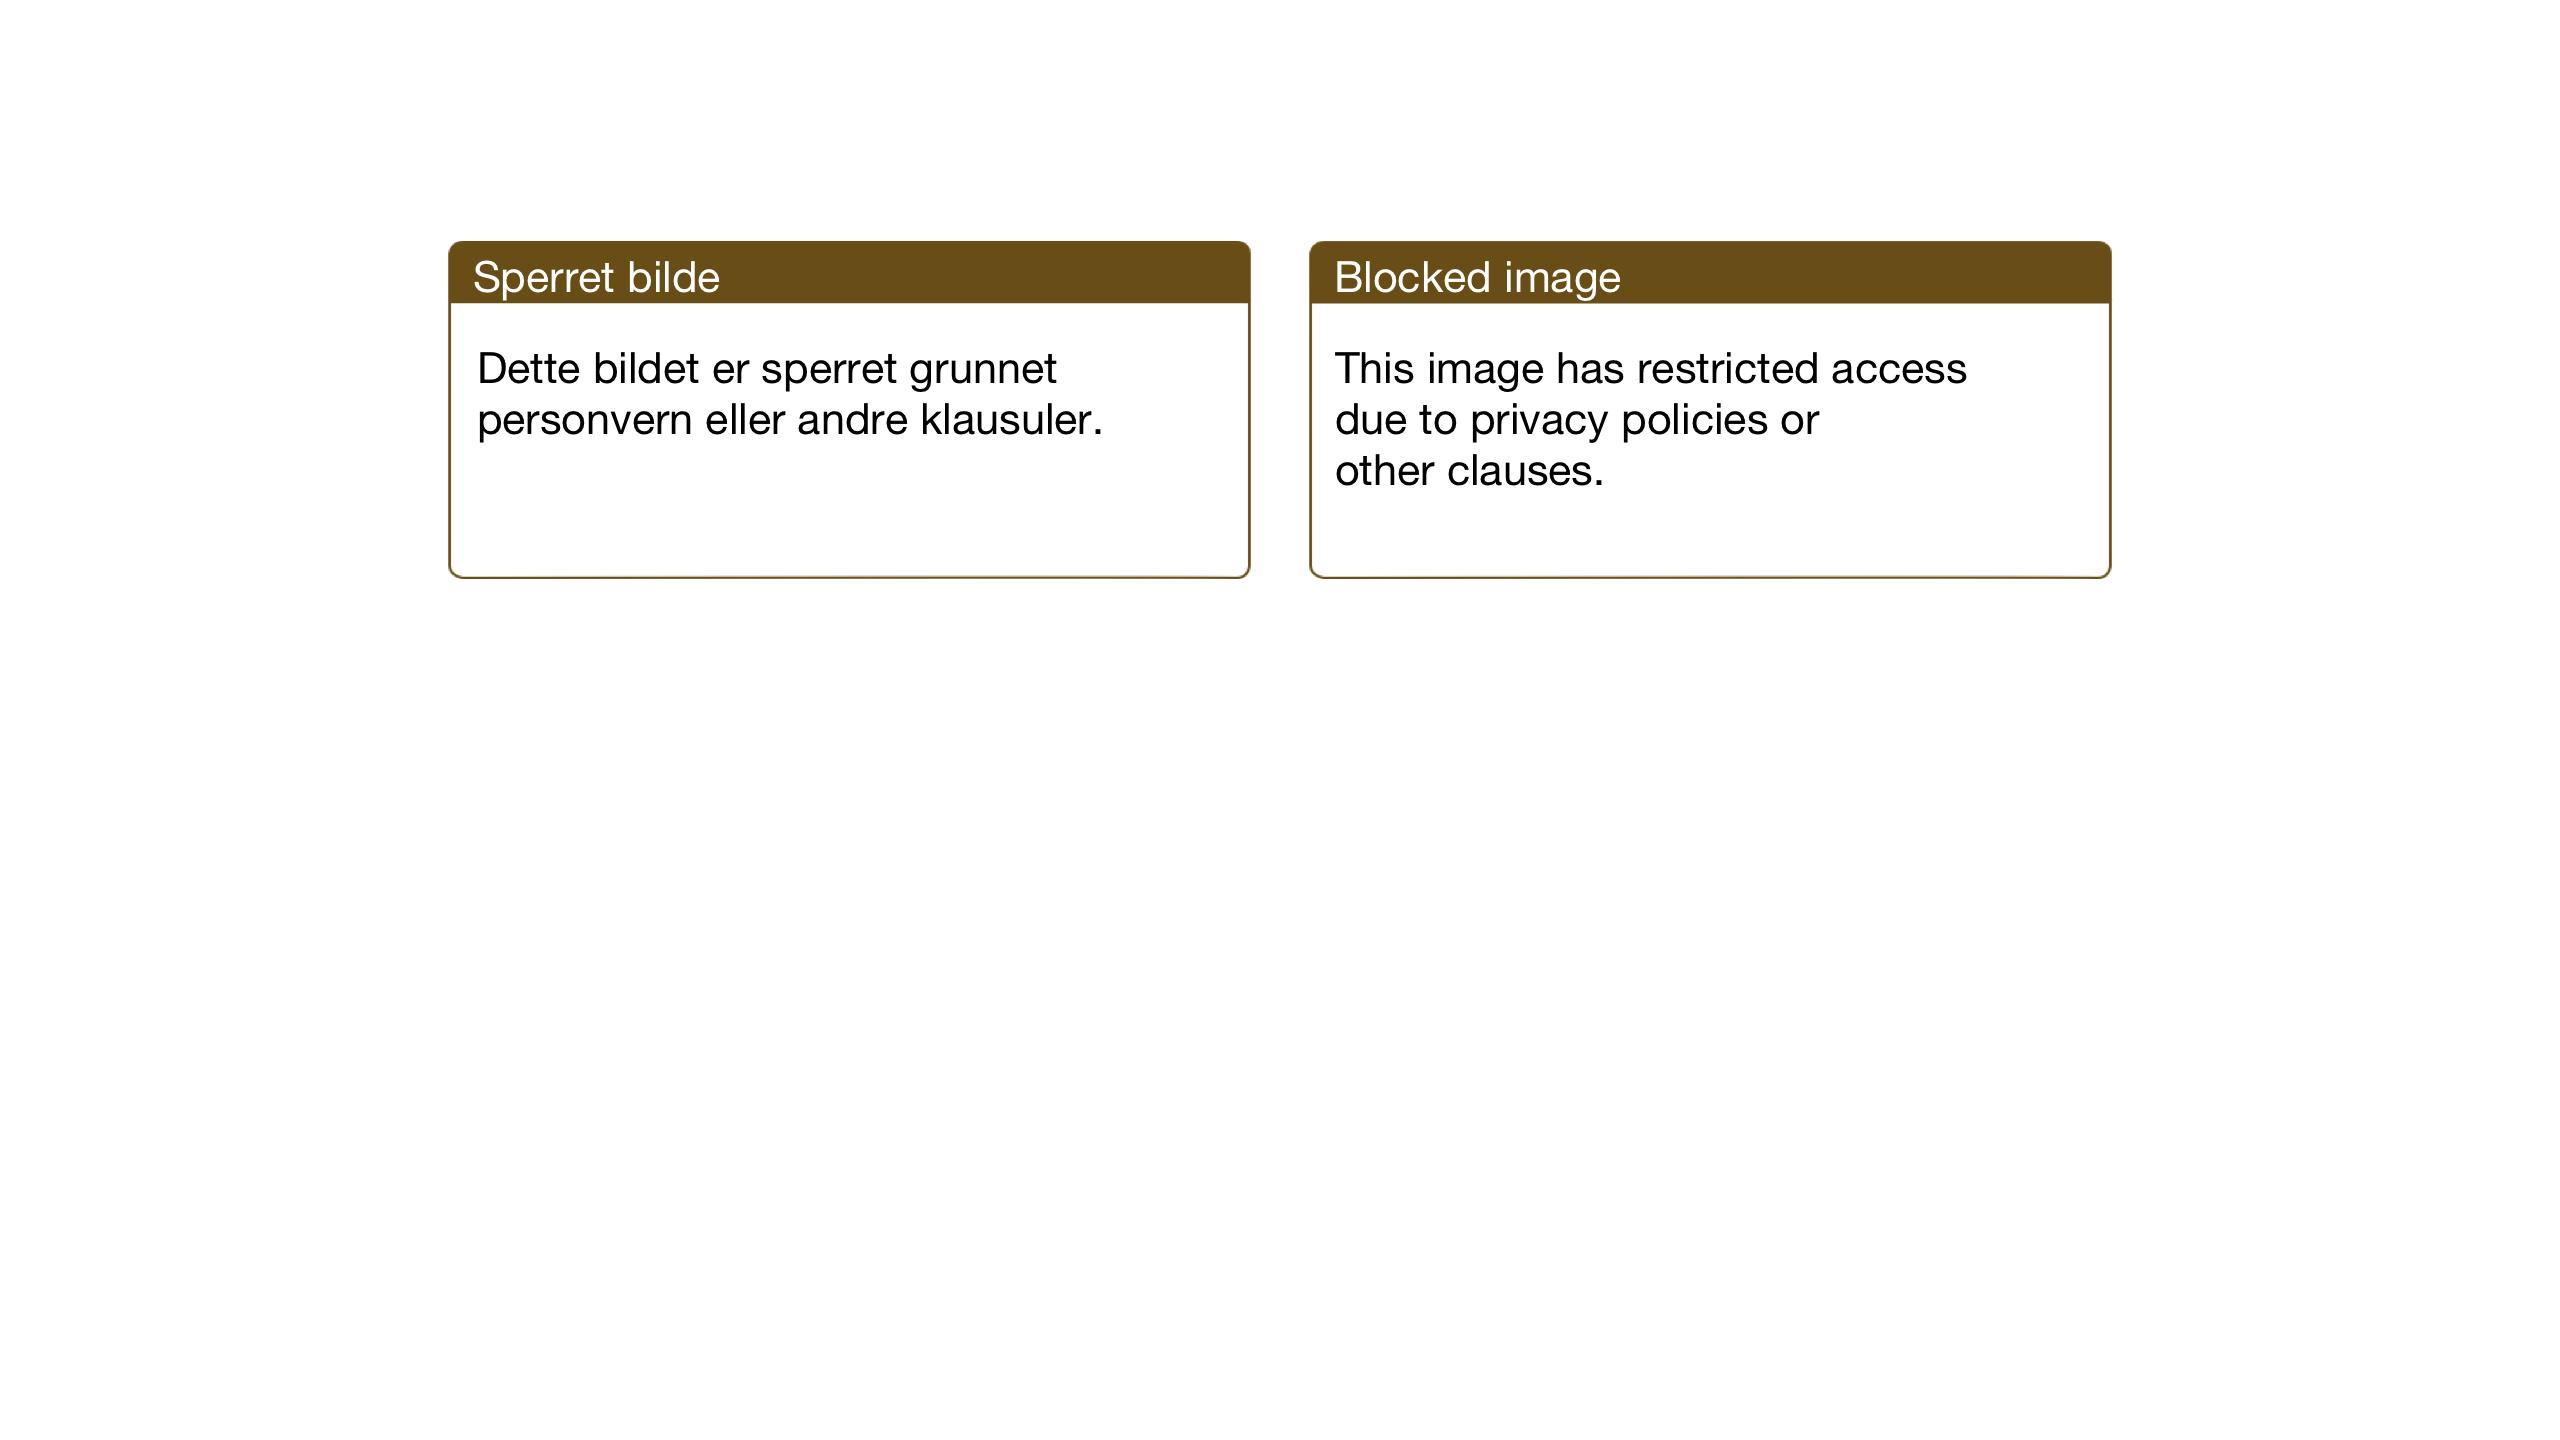 SAT, Ministerialprotokoller, klokkerbøker og fødselsregistre - Sør-Trøndelag, 662/L0758: Klokkerbok nr. 662C03, 1918-1948, s. 282